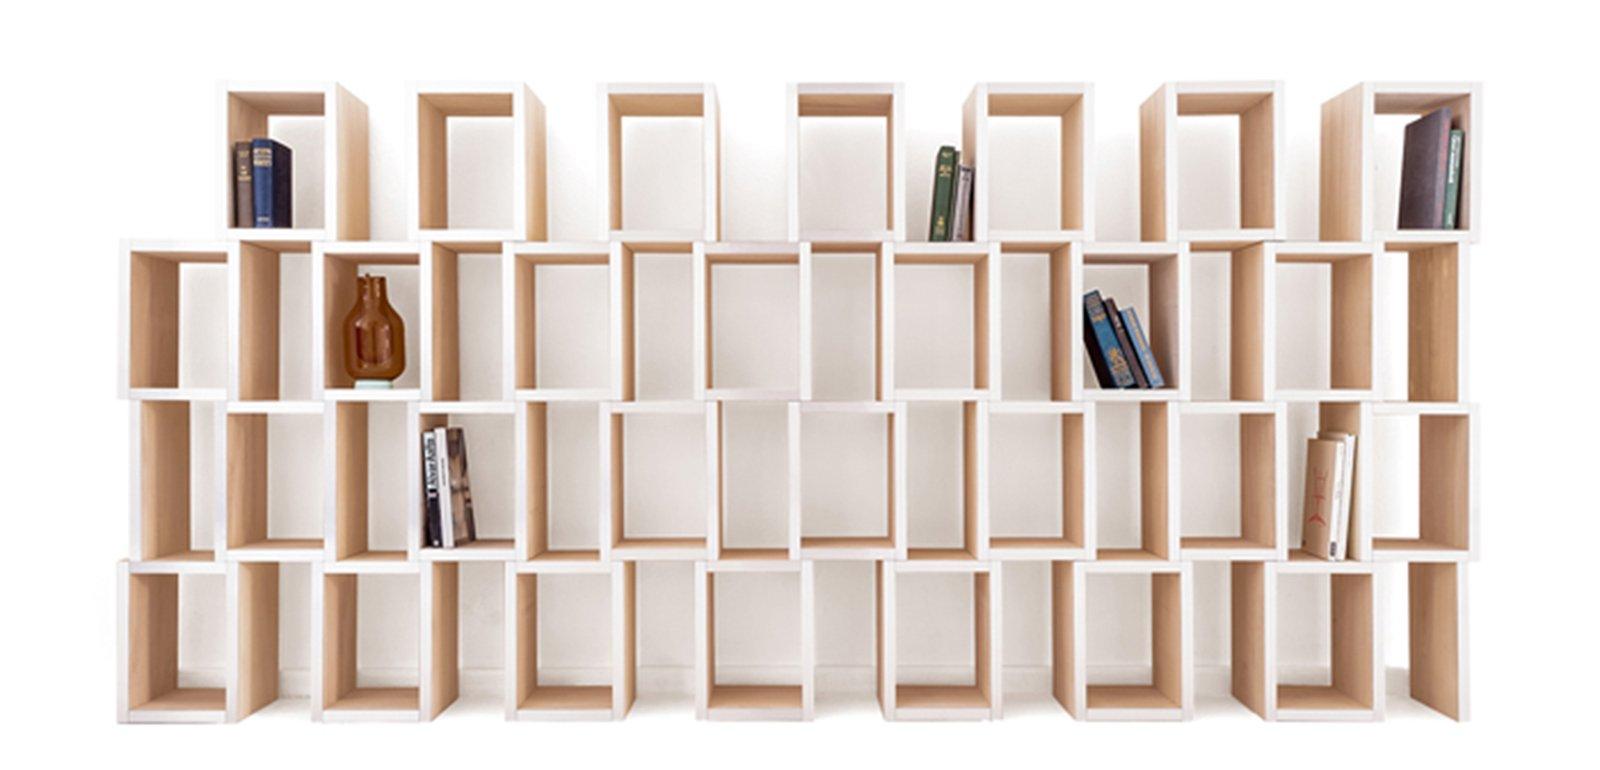 Librerie passanti, anche per dividere lo spazio - Cose di Casa